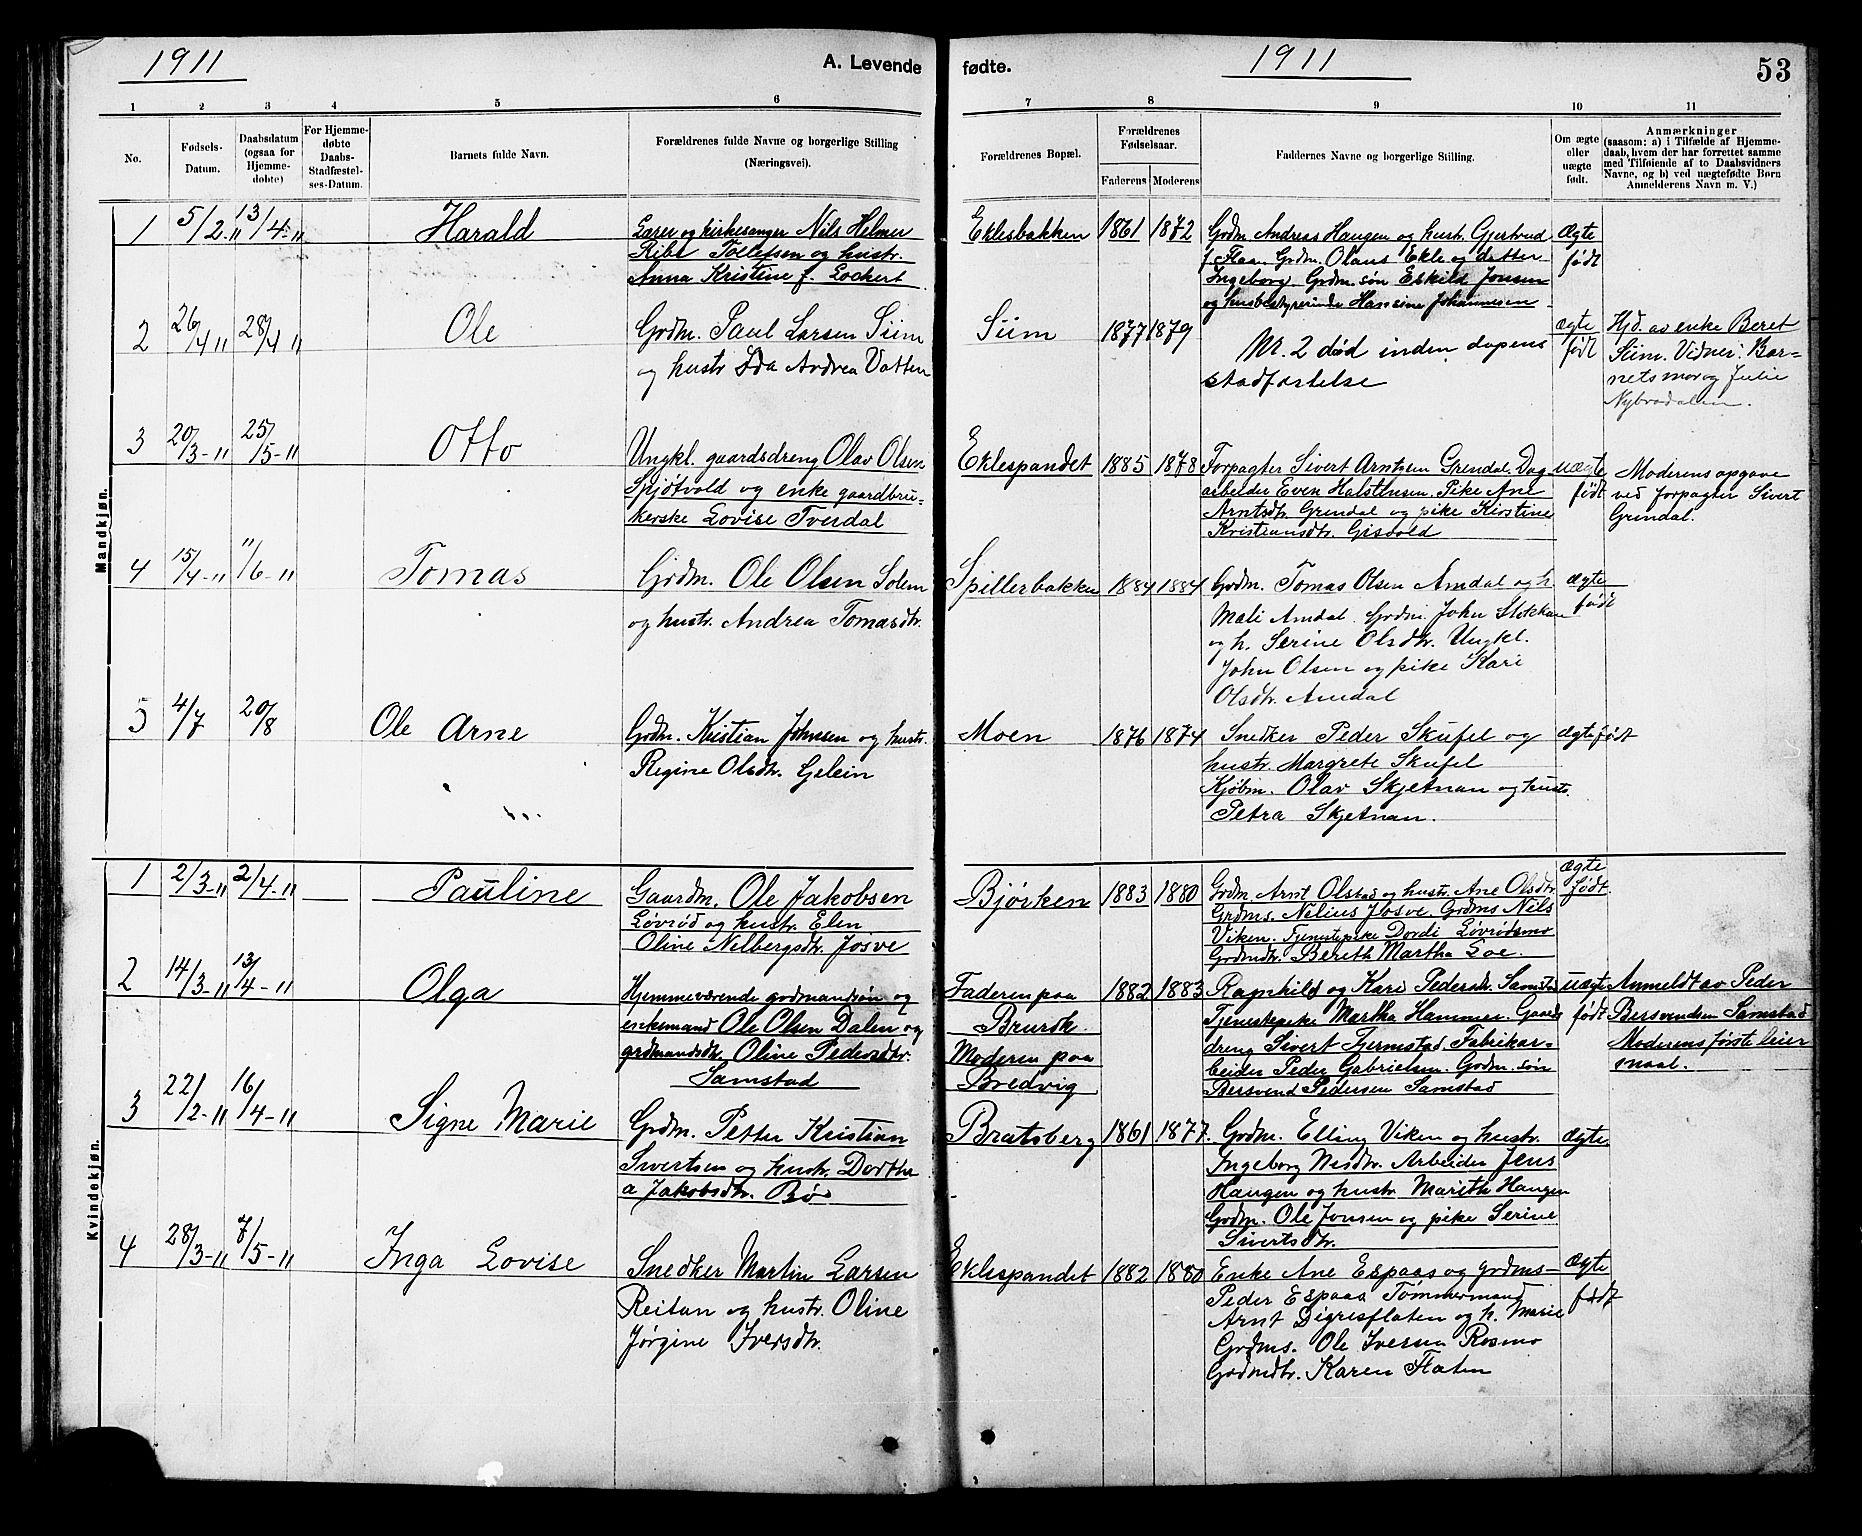 SAT, Ministerialprotokoller, klokkerbøker og fødselsregistre - Sør-Trøndelag, 608/L0341: Klokkerbok nr. 608C07, 1890-1912, s. 53